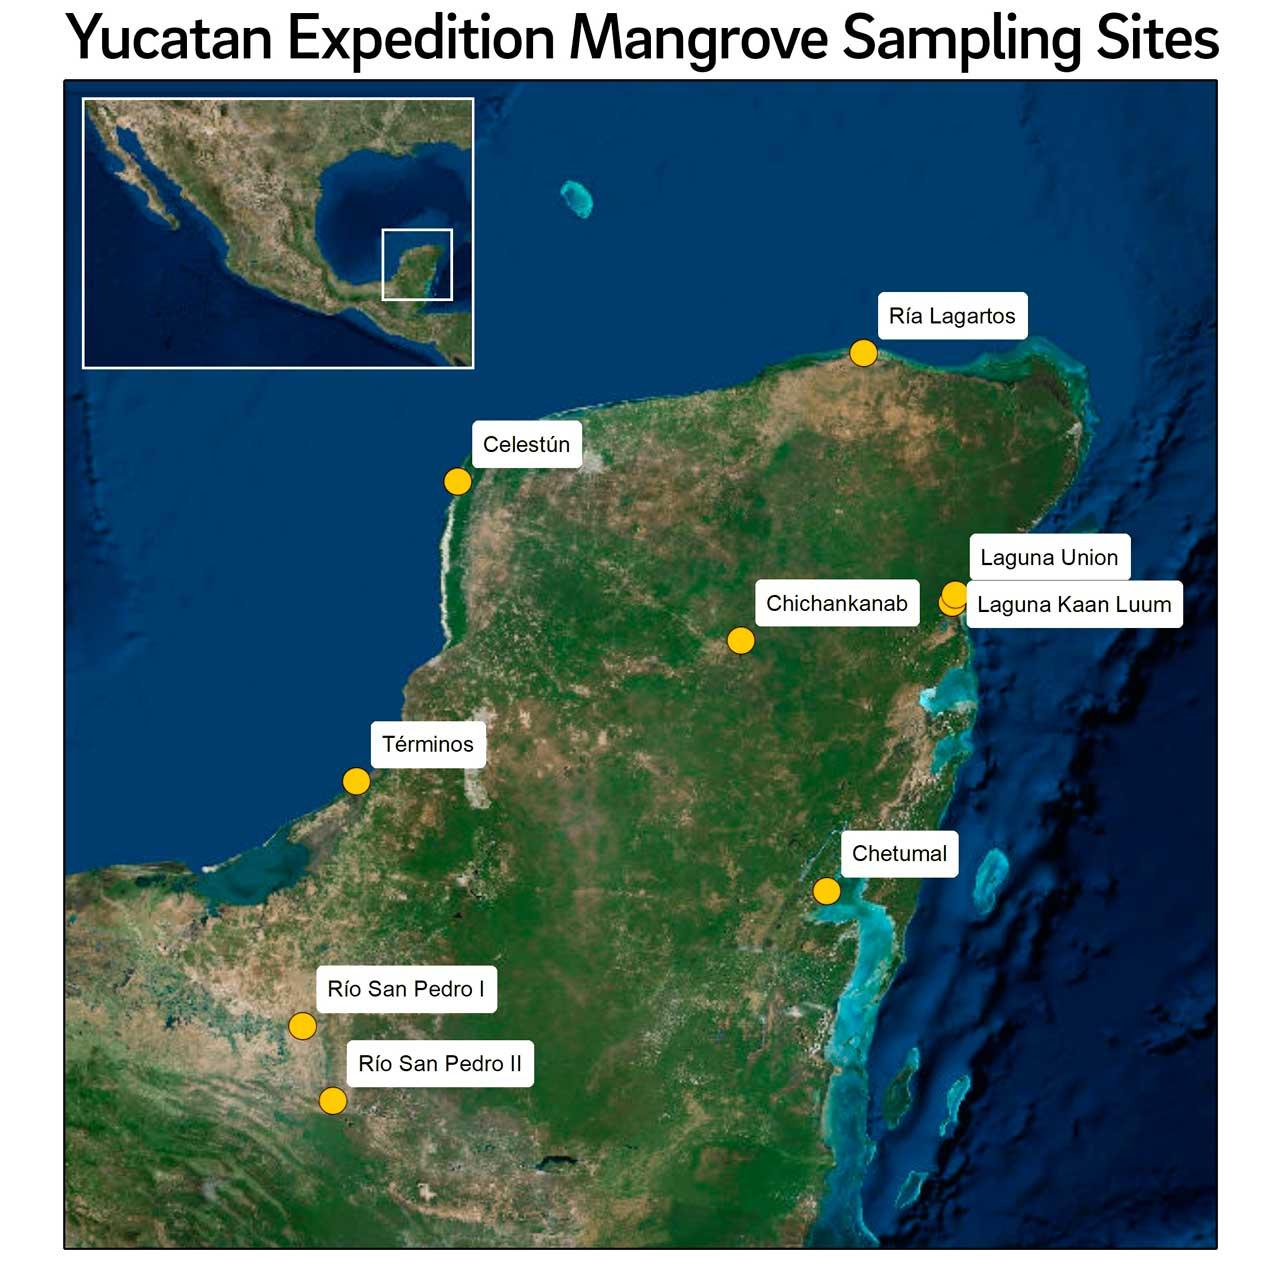 Ubicación del bosque de manglares en la Península de Yucatán